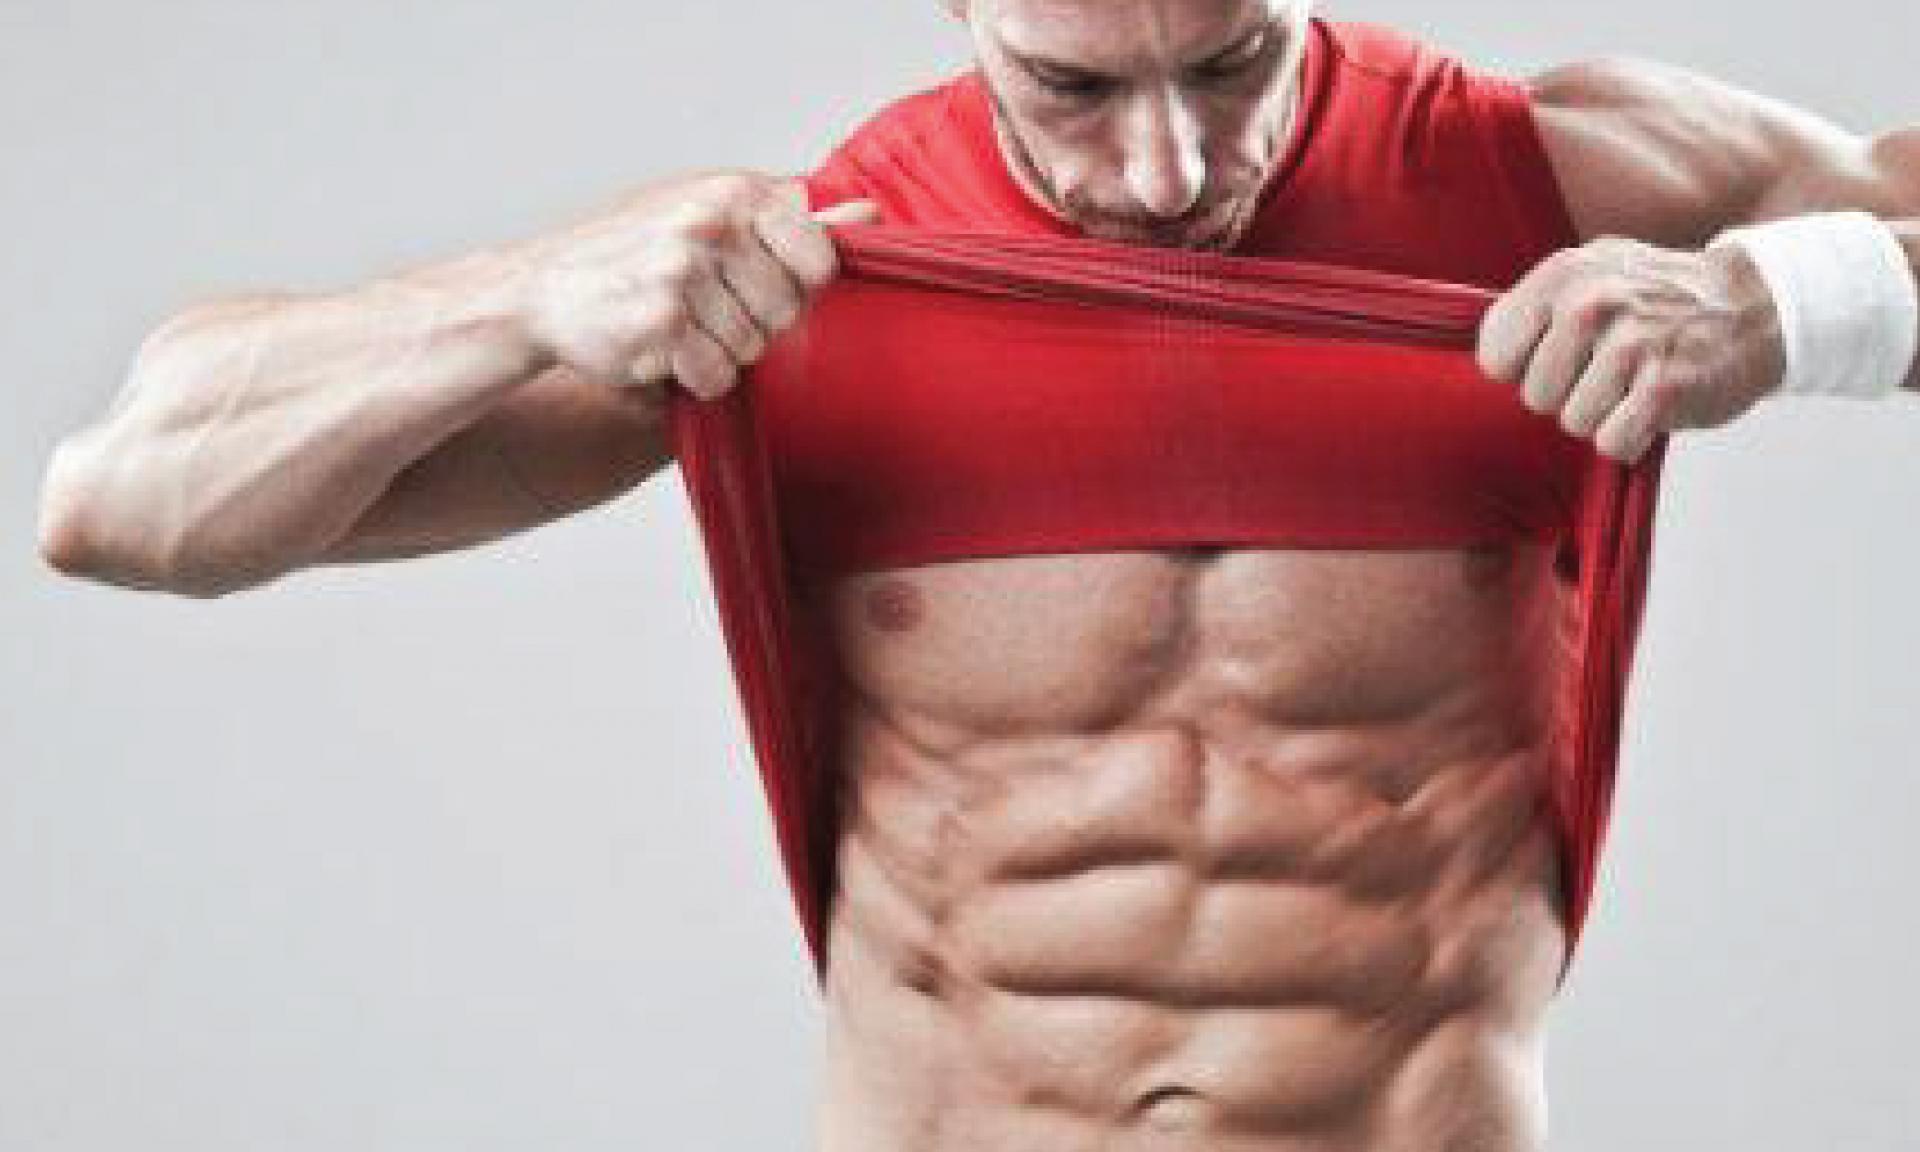 لكى تتعامل مع بالتفصيل خط يد نظام غذائي لعضلات البطن للنساء Dsvdedommel Com